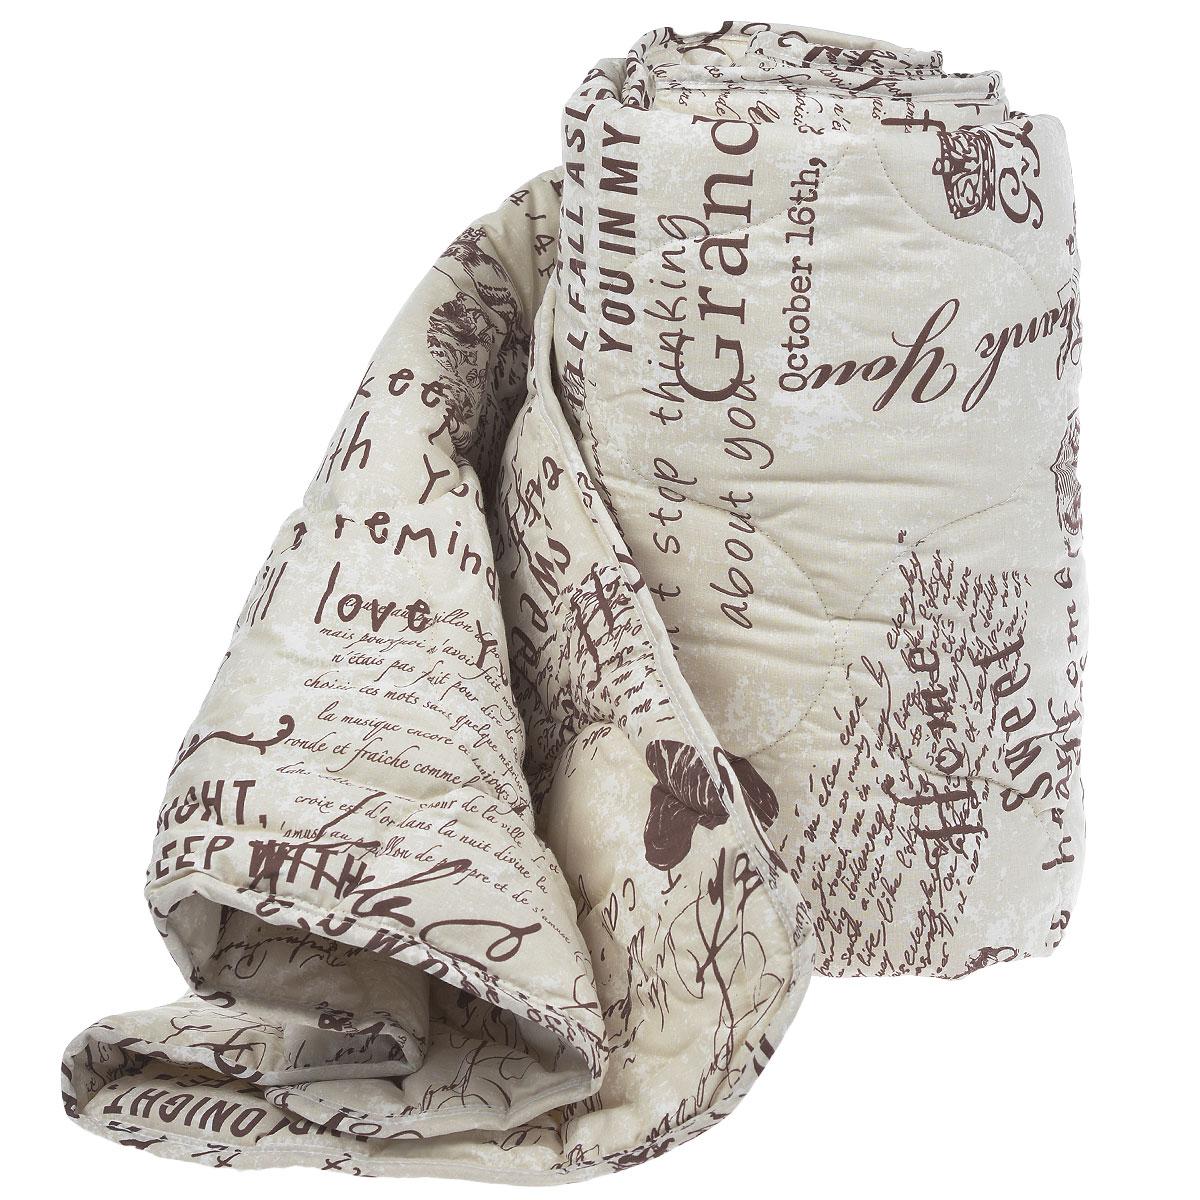 Одеяло Comfort Line Меринос, наполнитель: шерсть мериноса, 175 х 205 см183679Классическое одеяло Comfort Line Меринос подарит вам незабываемое чувство комфорта и умиротворения. Чехол выполнен из натурального хлопка. Внутри - наполнитель из мериносовой шерсти. Одеяло постоянно поддерживает нужную температуру: оно греет зимой и дает прохладу летом. Одеяло Comfort Line Меринос помогает просыпаться бодрыми и полными сил. Оно разработано специально для активных людей, заботящихся о своём здоровье, проводящих много времени у компьютера. Изделия из мериносовой шерсти великолепно стимулирует кровообращение, помогают людям, страдающим остеохондрозом, ревматизмом, бронхиальными недугами. Одеяло упаковано в пластиковую сумку-чехол, закрывающуюся на застежку-молнию. Рекомендации по уходу: - Можно стирать в стиральной машине при температуре не выше 40°С. - Не отбеливать. - Не гладить. - Не сушить в барабанной сушке. Материал чехла: хлопок. Наполнитель: мериносовая шерсть. Размер: 175 см х 205 см. ...